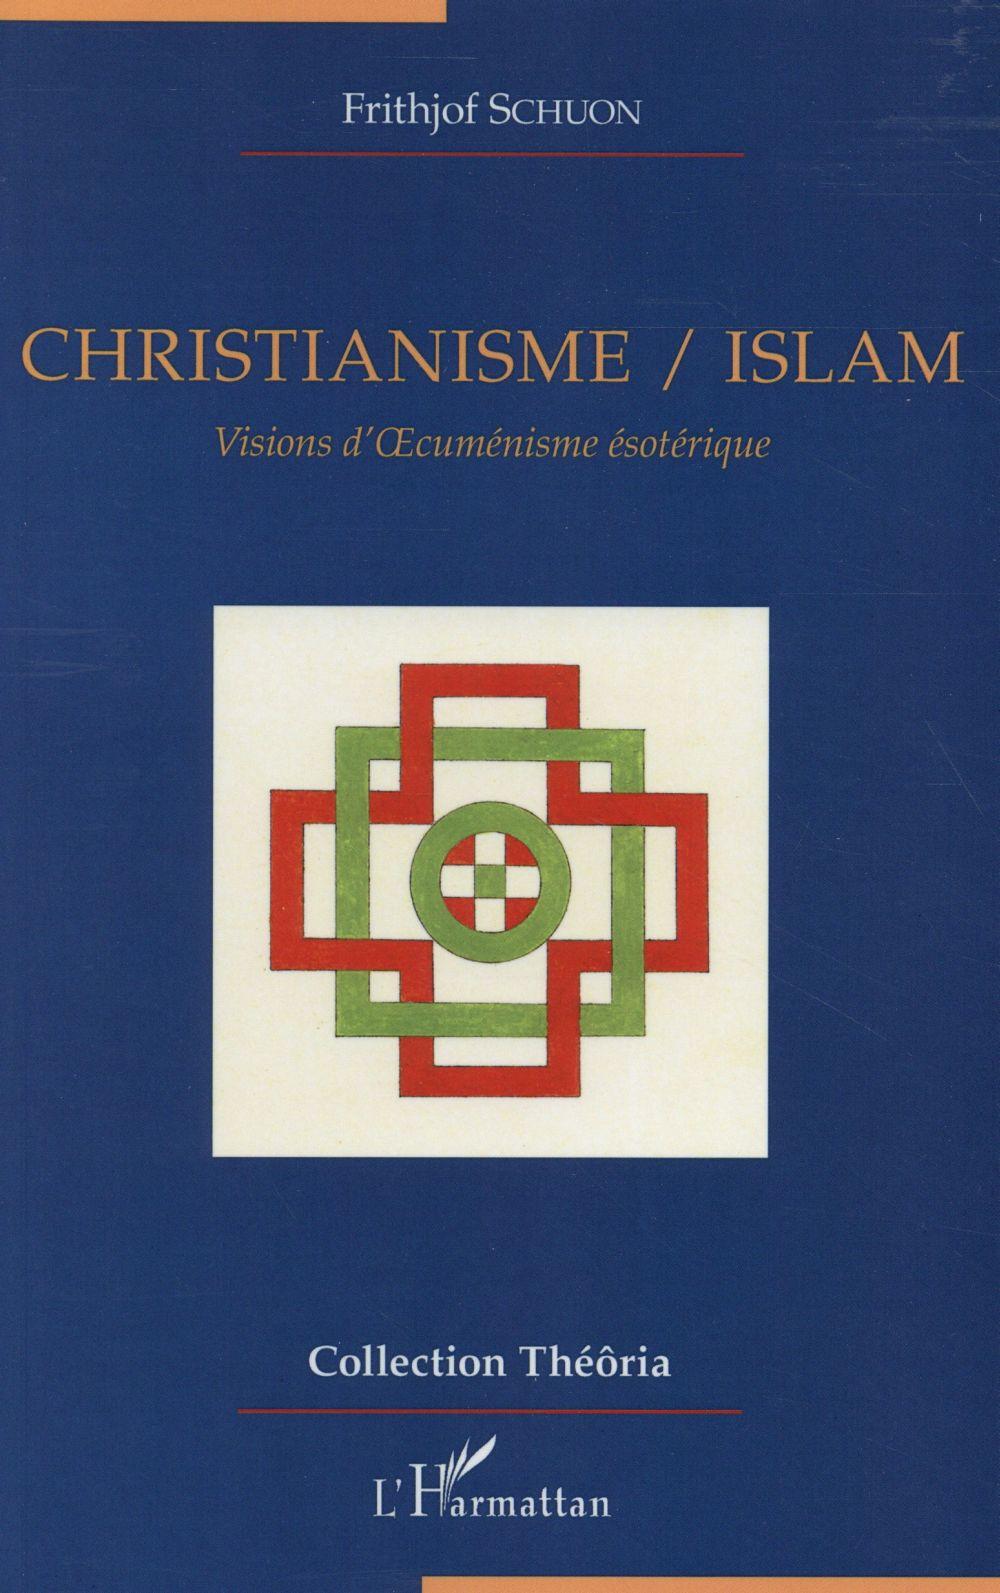 Christianisme / islam, visions d'oecumenisme ésotérique